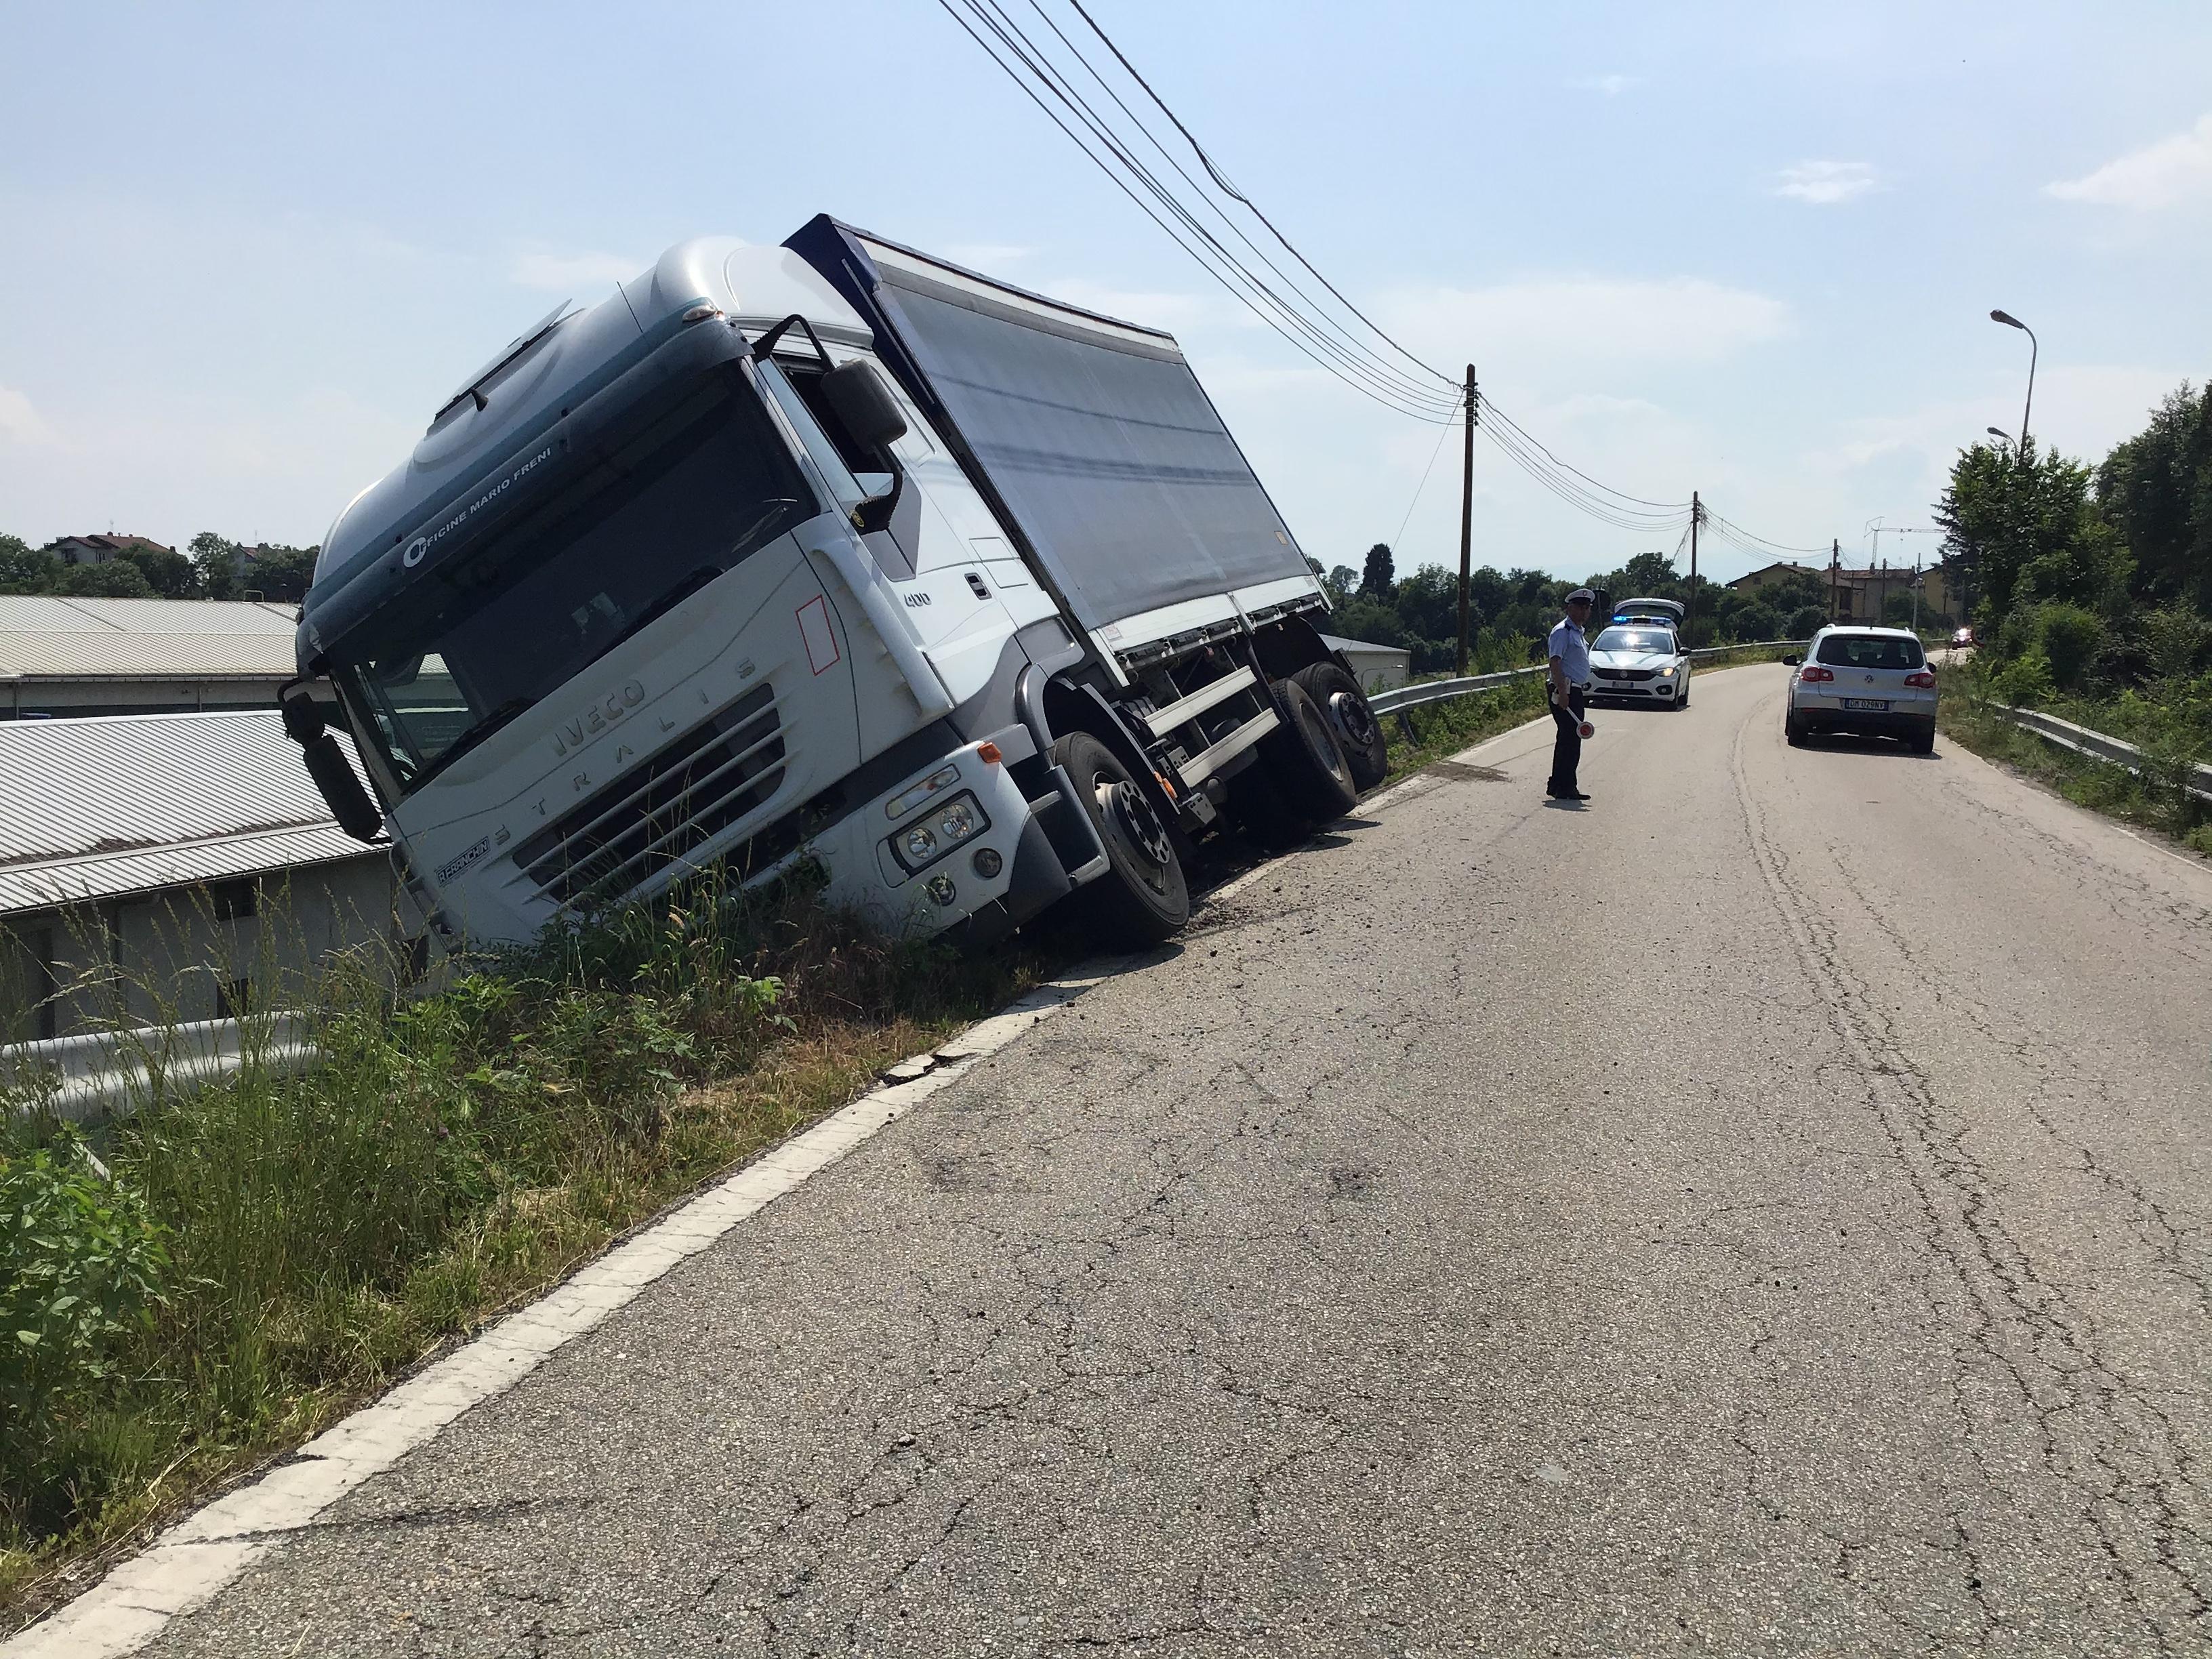 FELETTO - Cede la banchina, il camion carico di ferro resta in bilico sulla scarpata - FOTO e VIDEO